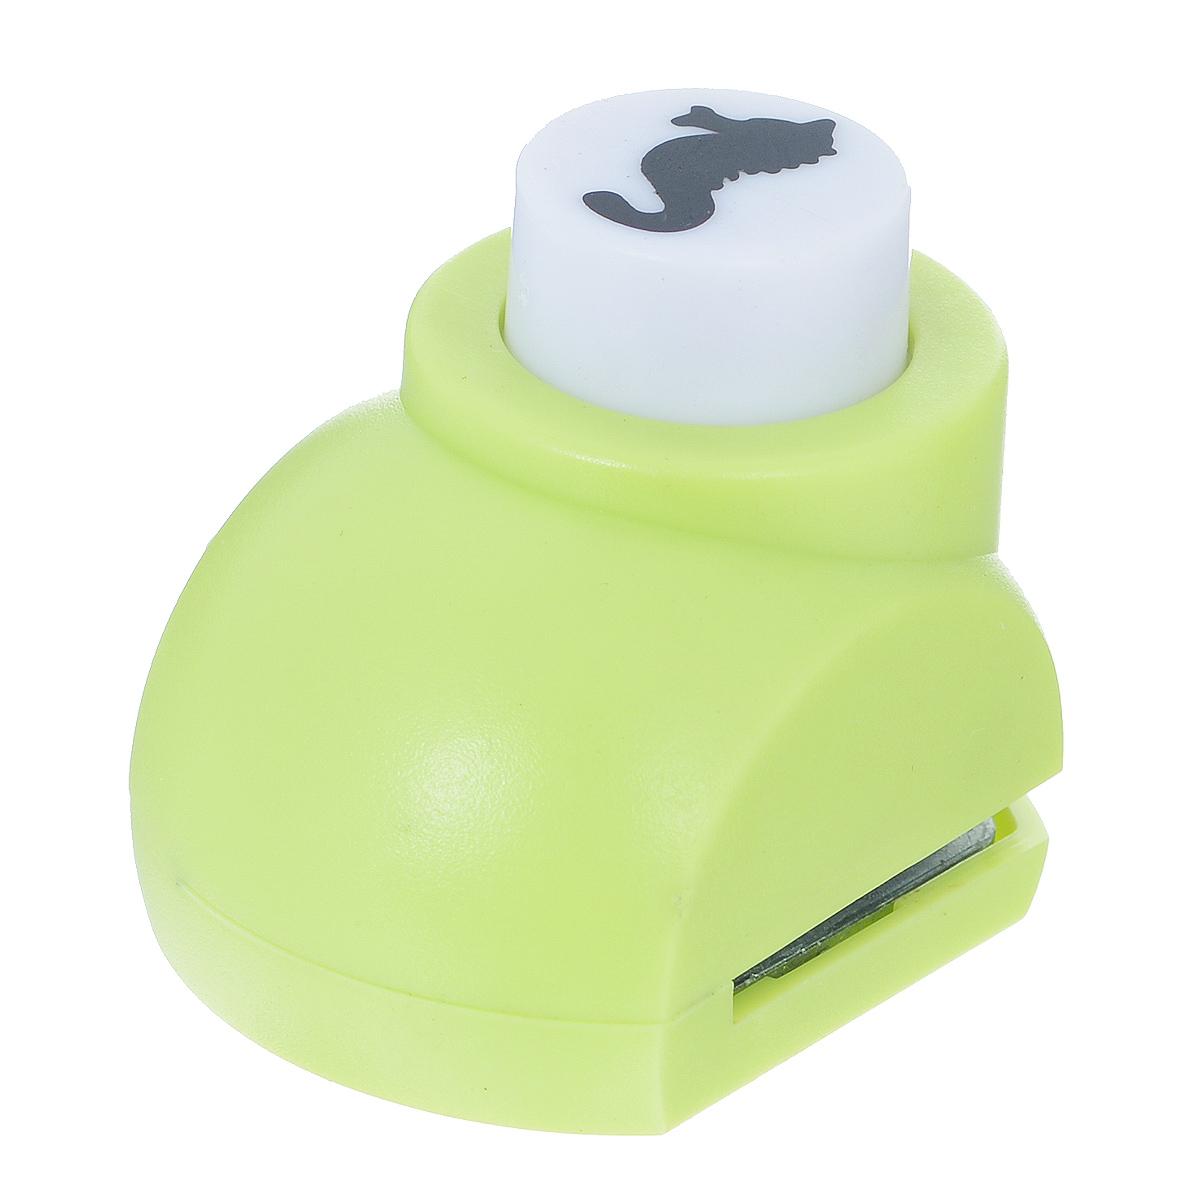 Дырокол фигурный Астра Морской конек. JF-8227709604_298Дырокол Астра Морской конек поможет вам легко, просто и аккуратно вырезать много одинаковых мелких фигурок. Режущие части компостера закрыты пластмассовым корпусом, что обеспечивает безопасность для детей. Можно использовать вырезанные мотивы как конфетти или для наклеивания. Дырокол подходит для разных техник: декупажа, скрапбукинга, декорирования. Размер дырокола: 4 см х 3 см х 4 см. Размер готовой фигурки: 1,5 см х 0,7 см.